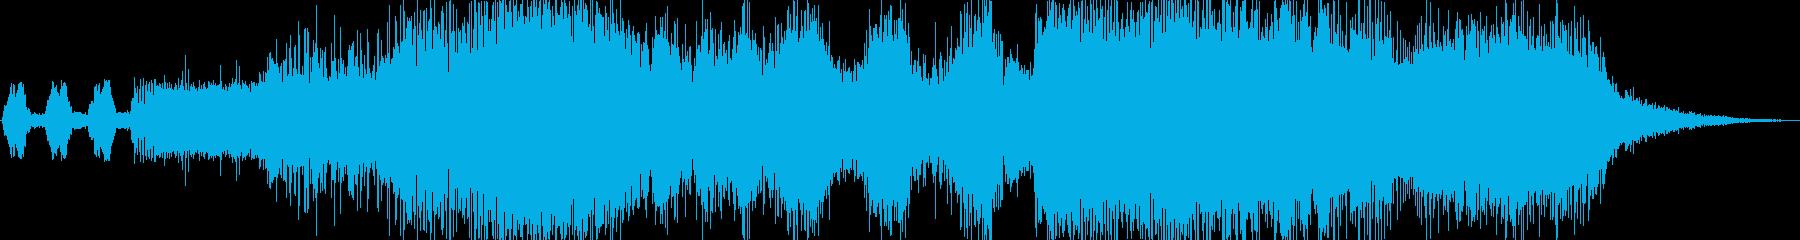 シンフォニック系ジングルの再生済みの波形